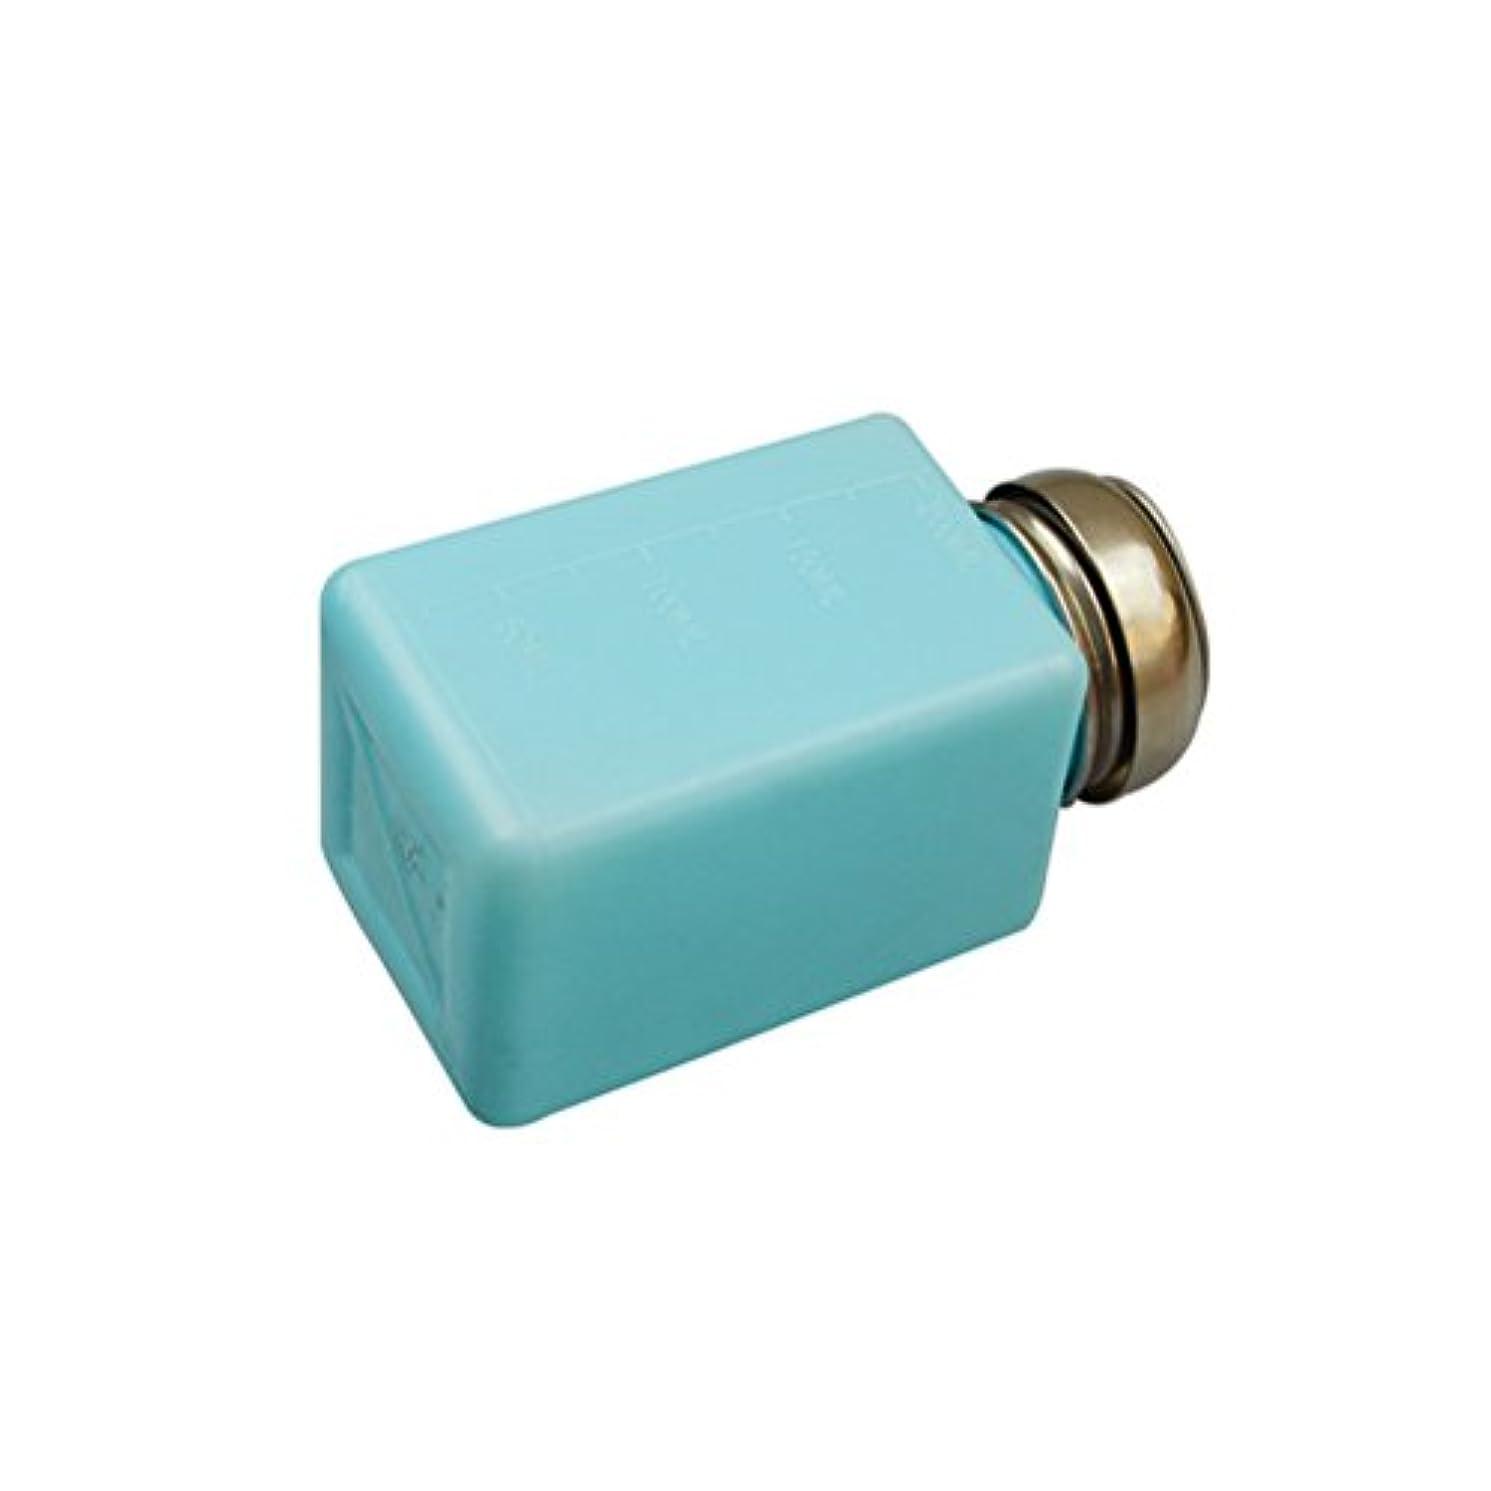 不良廃棄するオンスBESTOMZ アルコールボトル 便利 クレンジングオイル 小分け容器 静電防止 200ML(青)